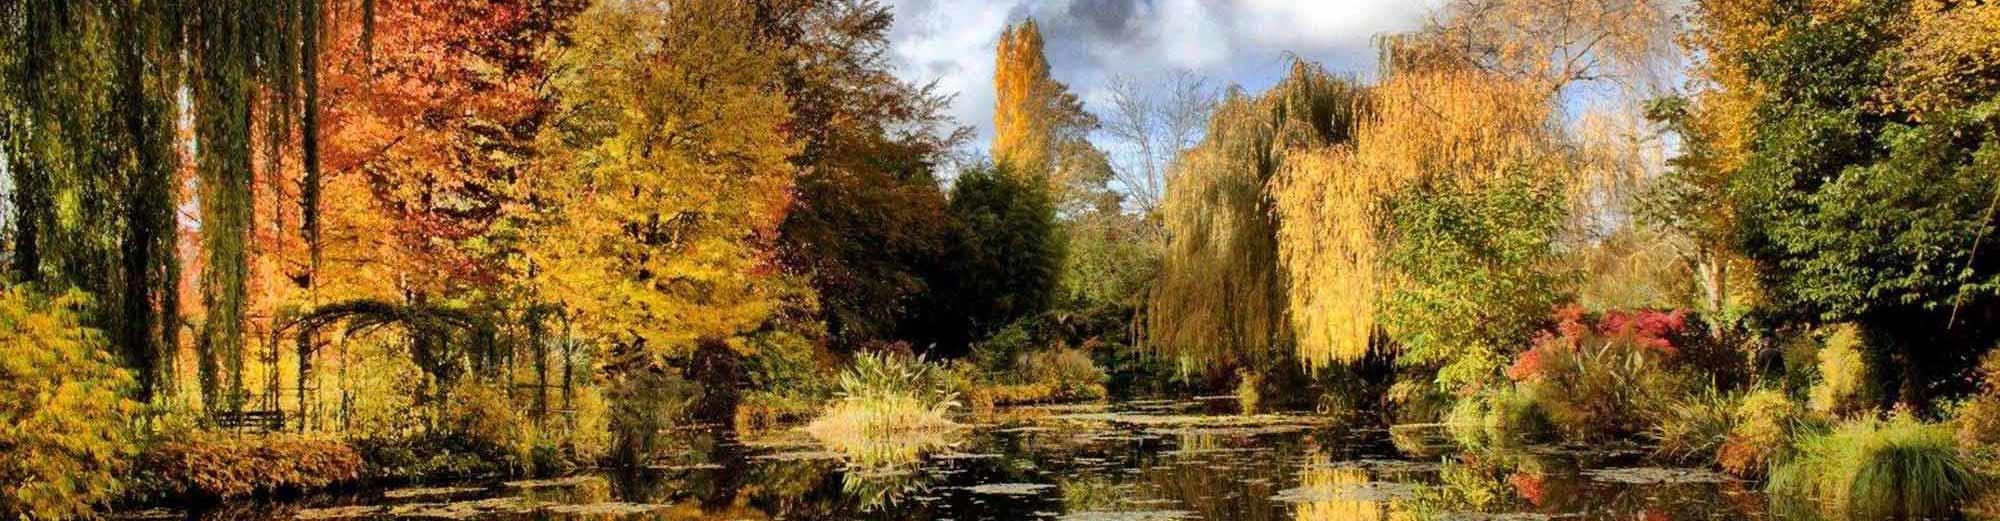 Франция. Живерни, Париж «Игра солнечных бликов на колышущейся глади воды»